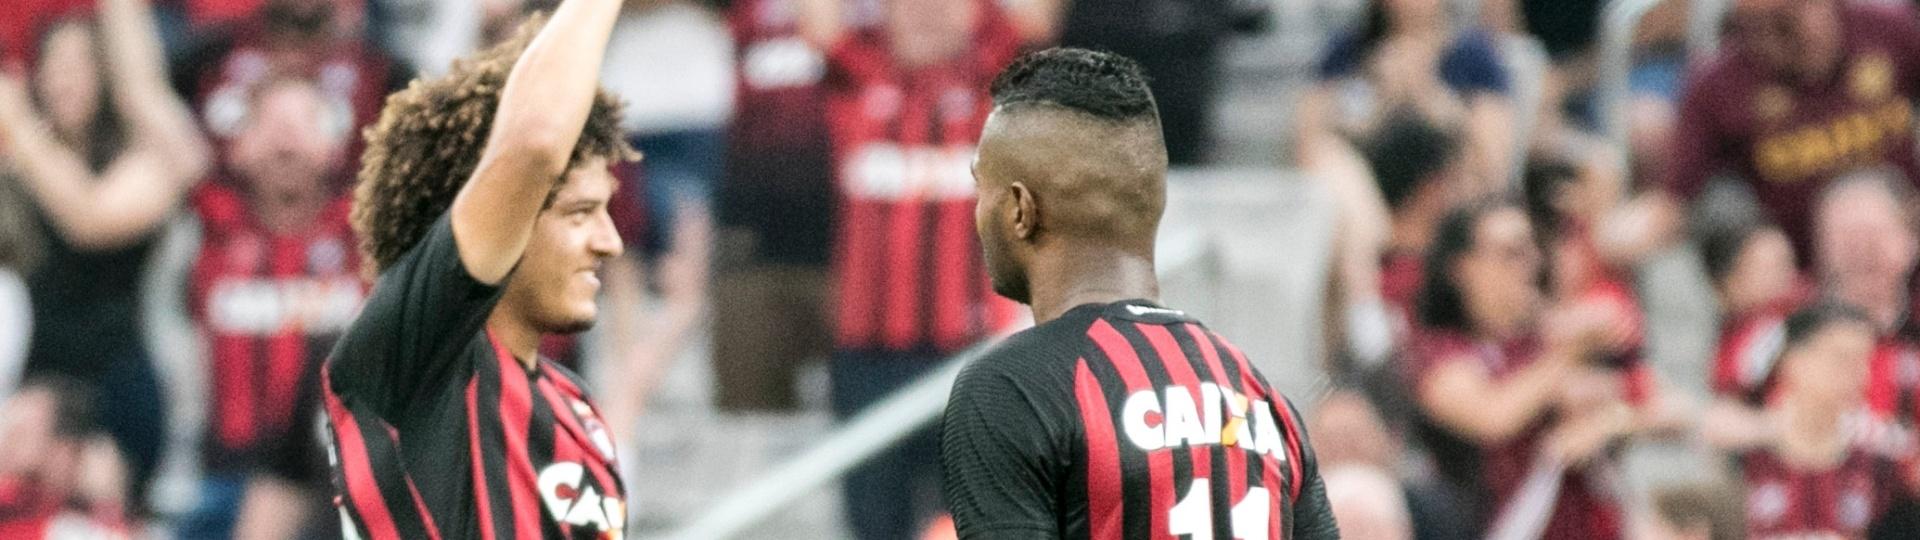 Felipe Gedoz comemora gol do Atlético-PR contra o Fluminense